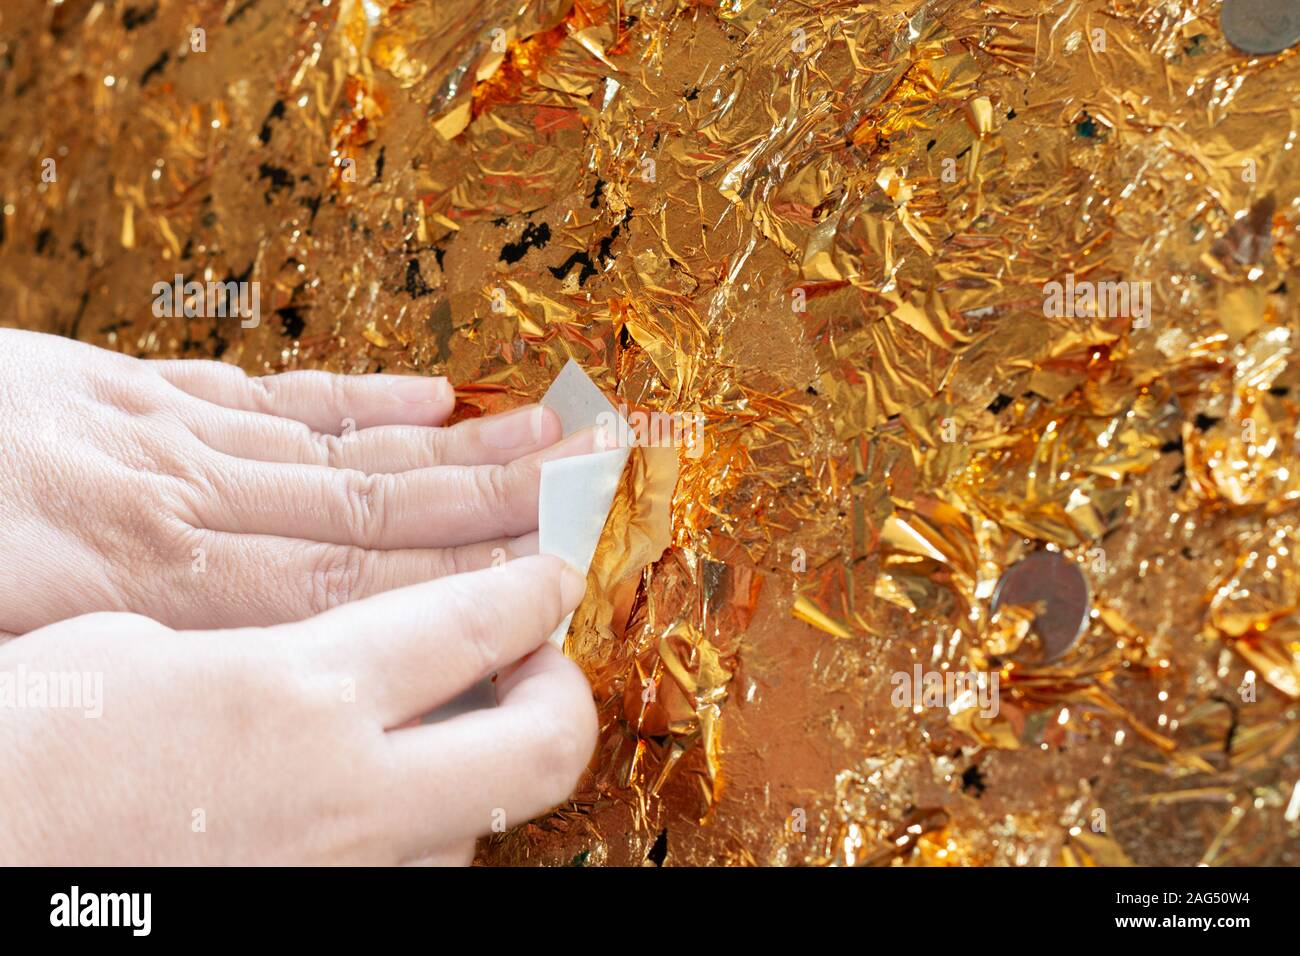 De la main d'or dorure bouddhiste notice sur ballon d or dans le temple pour adorer bouddha Banque D'Images